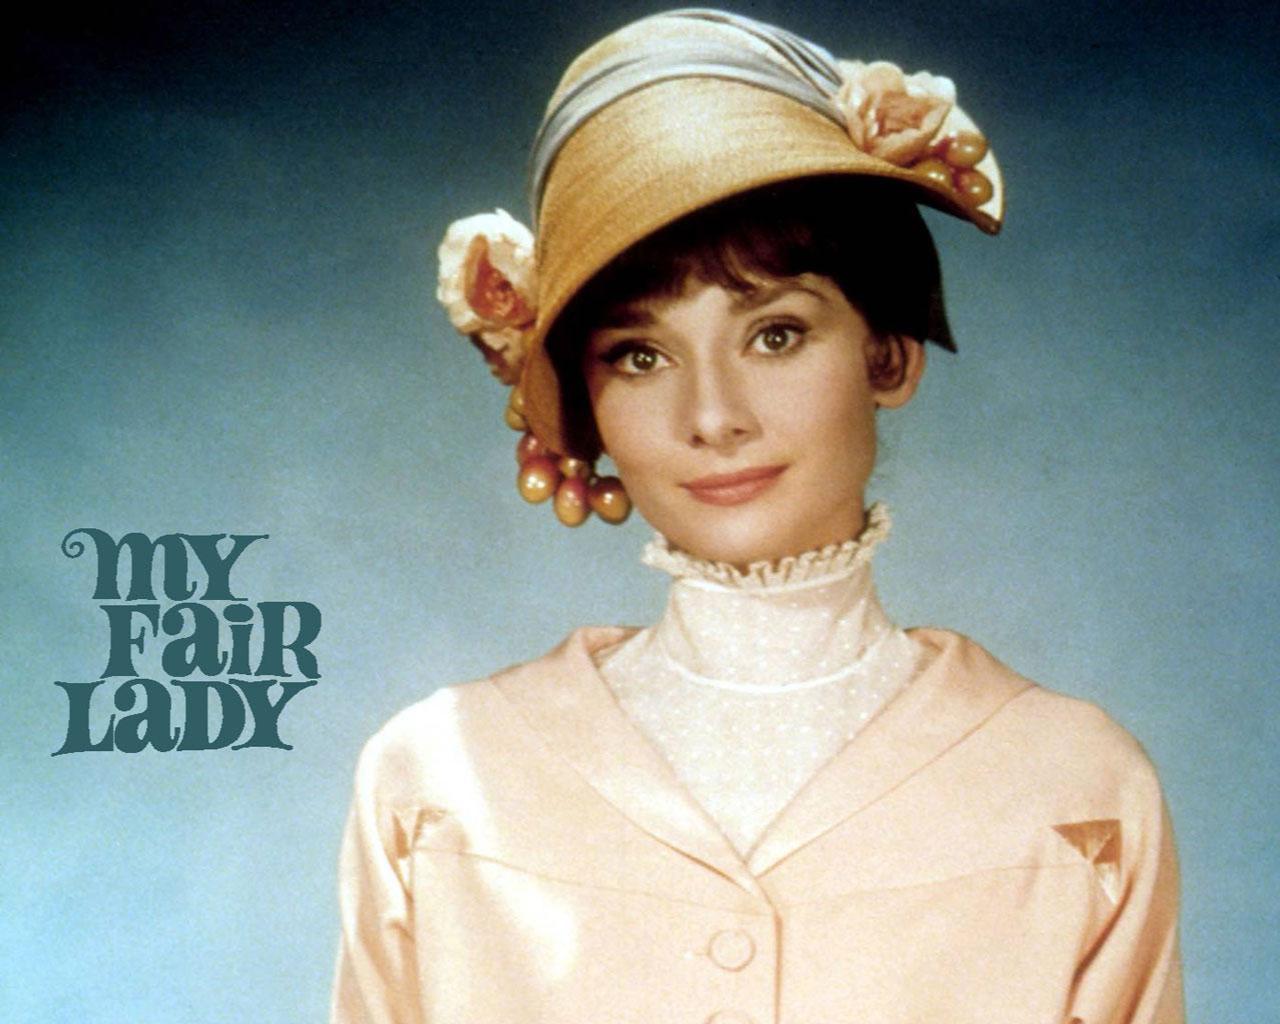 My Fair Lady Film